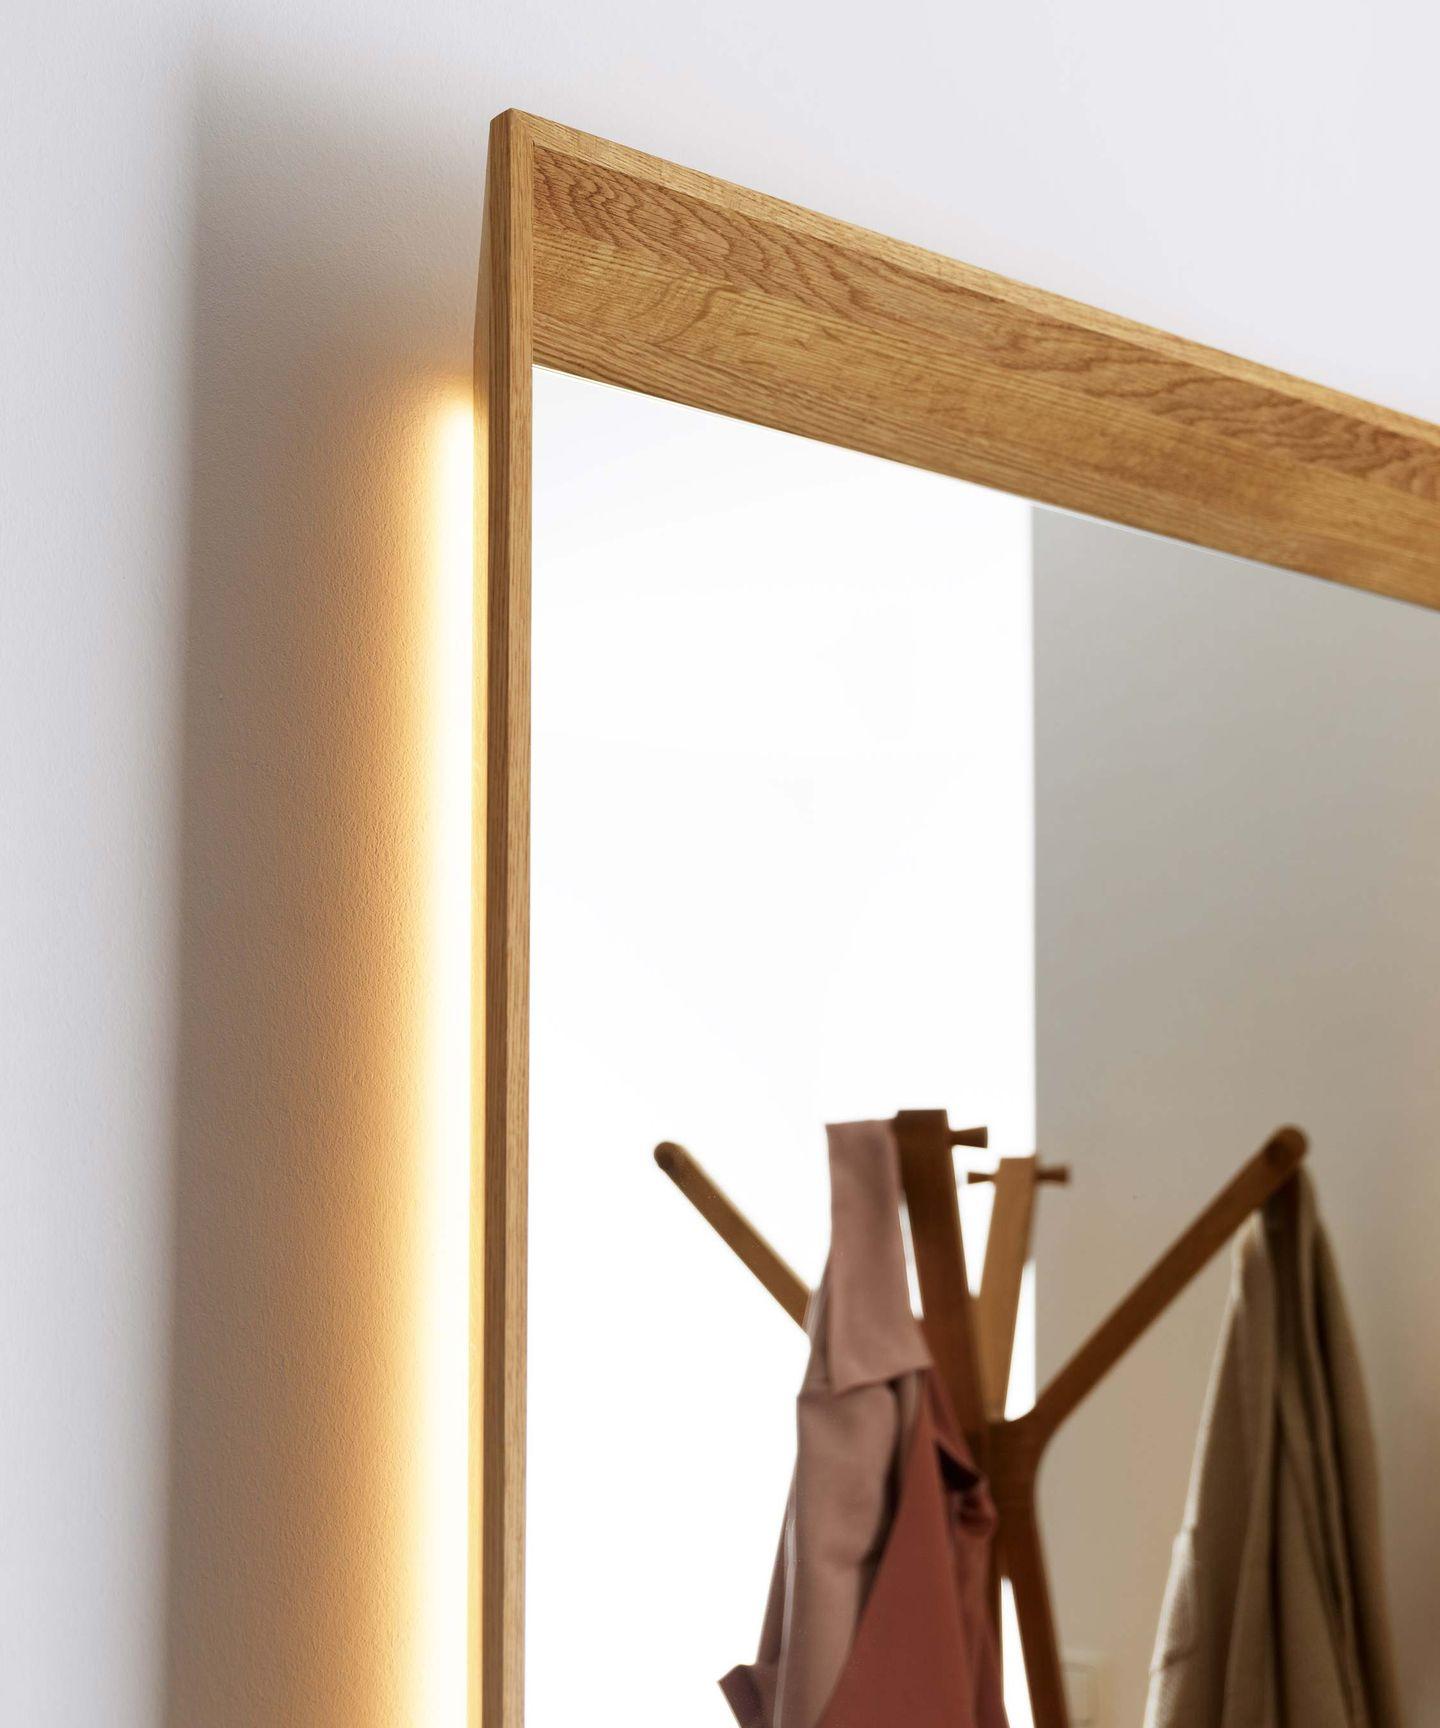 Панель с зеркалом haiku в дубе с подсветкой